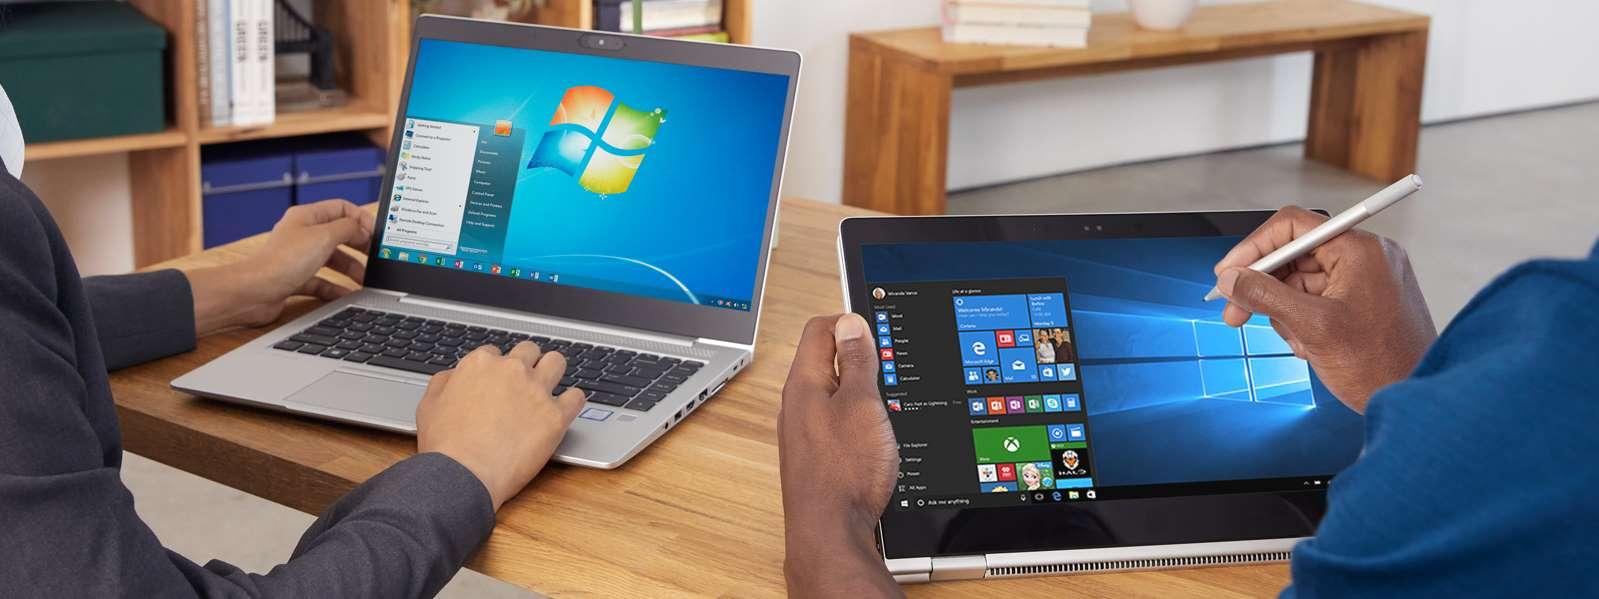 イメージ: Windows 7 のスタート画面がノートパソコンに表示されている